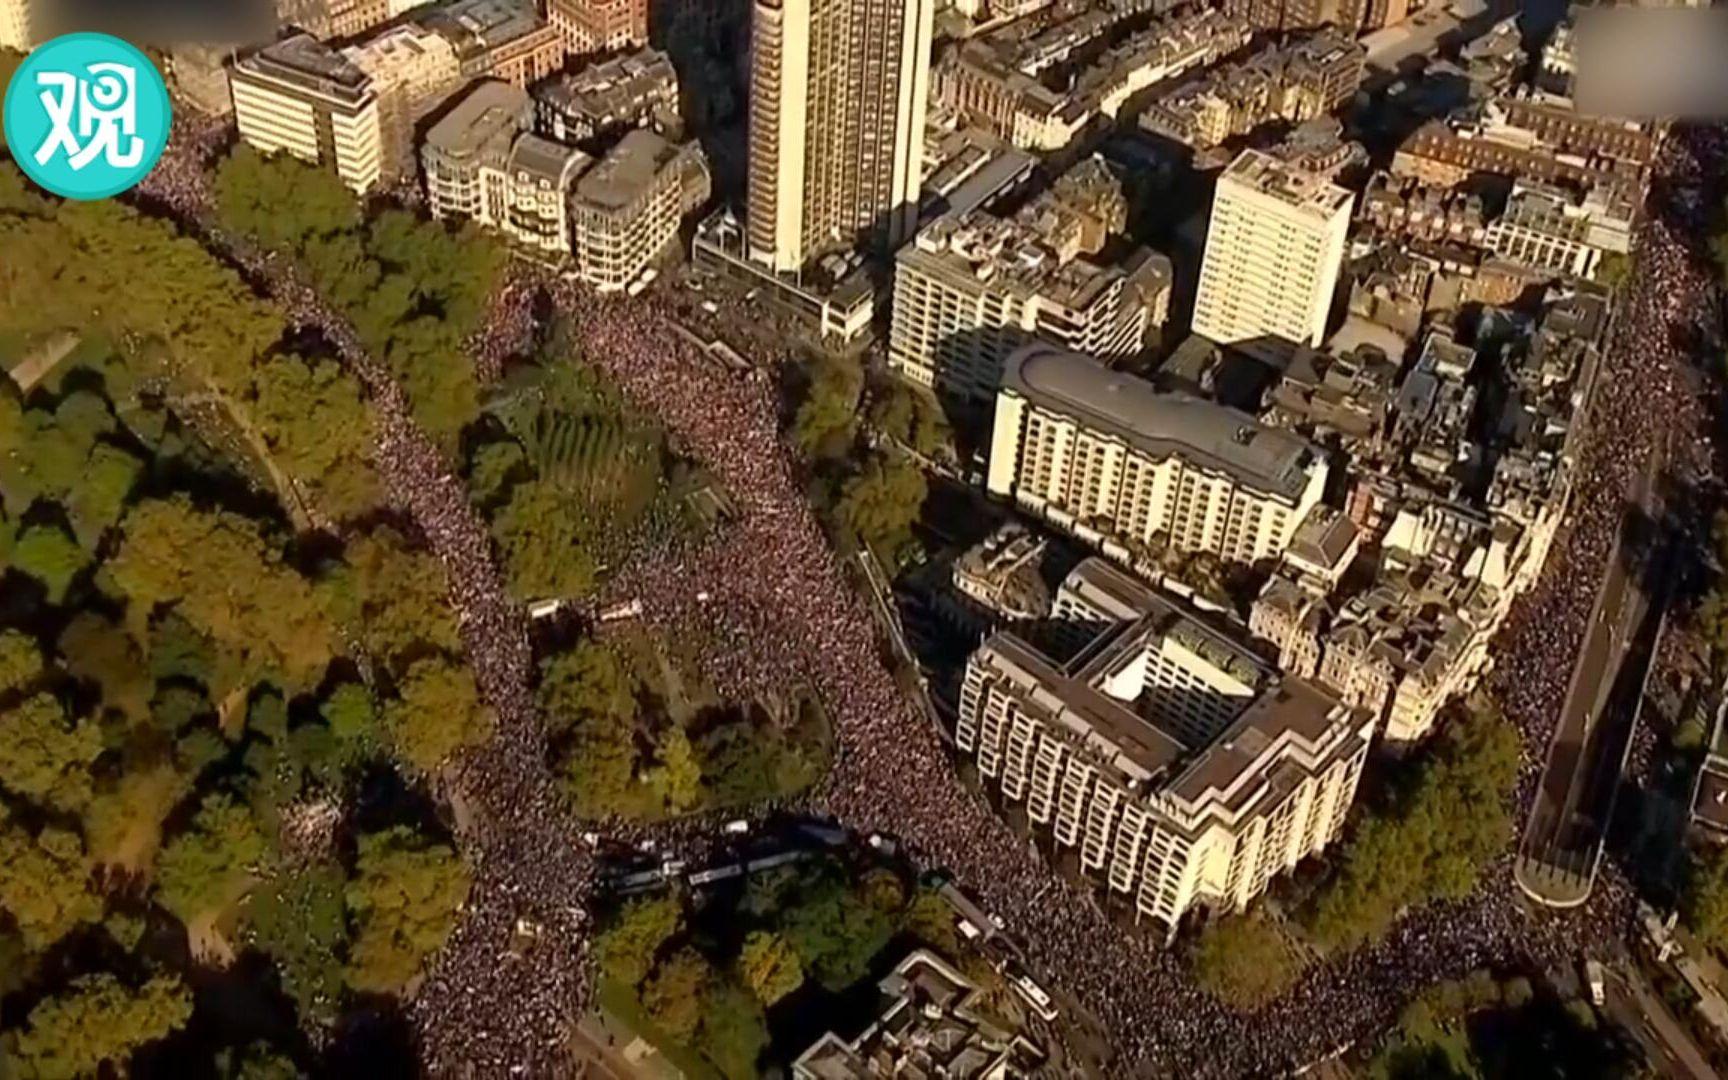 非常壮观了!近70万人游行示威,要求第二次脱欧公投